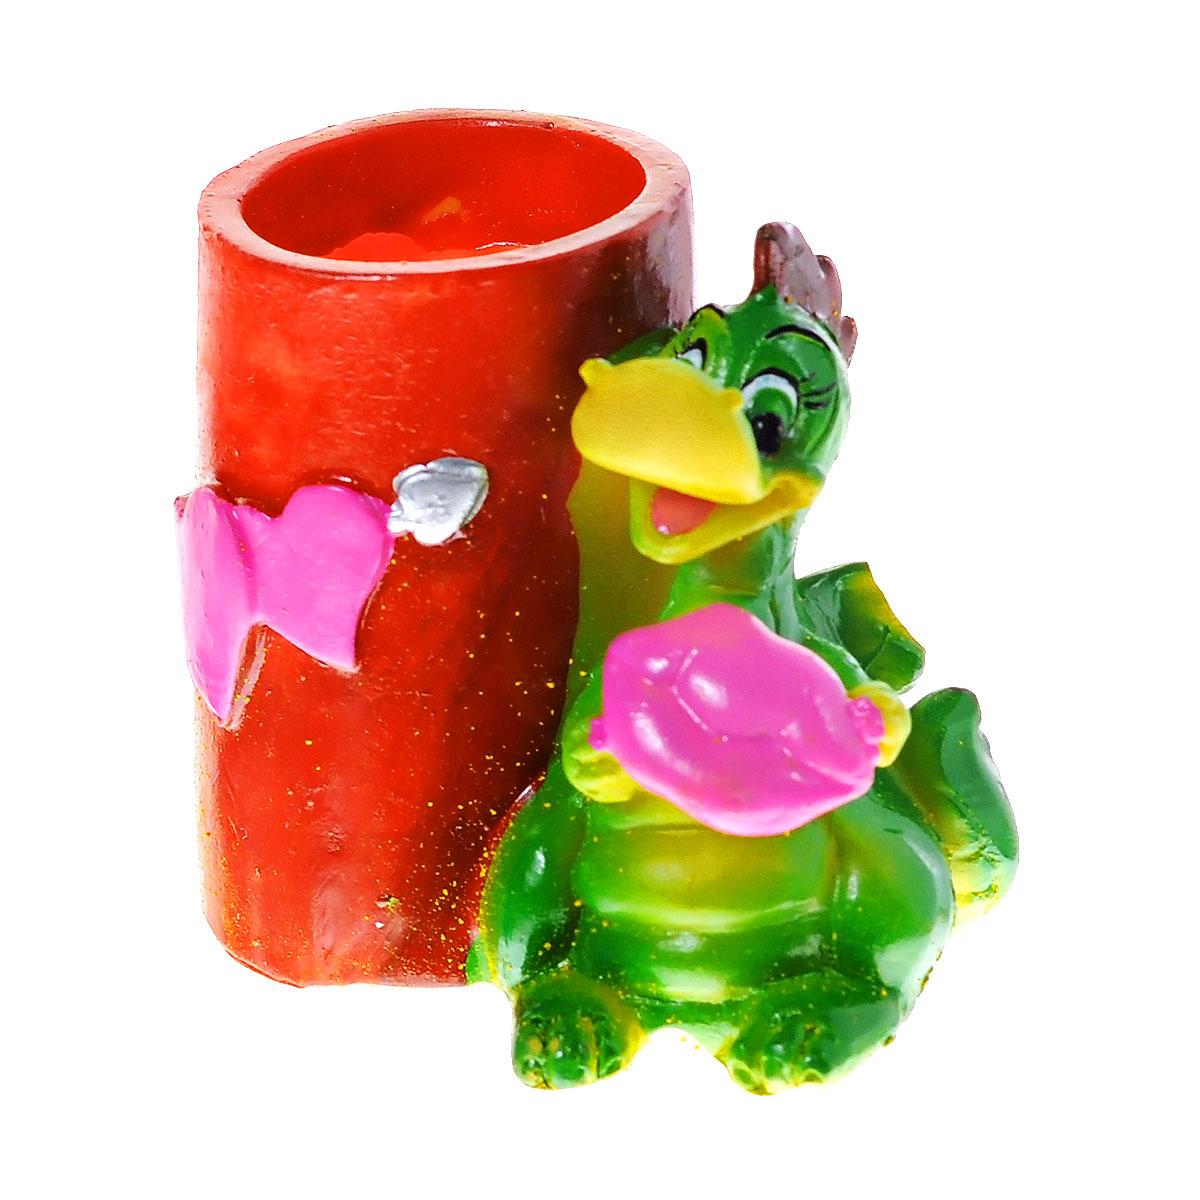 Подставка под зубочистки Lunten Ranta Влюбленный дракон, цвет: зеленый, красный. 59873 подставка под зубочистки нате вам